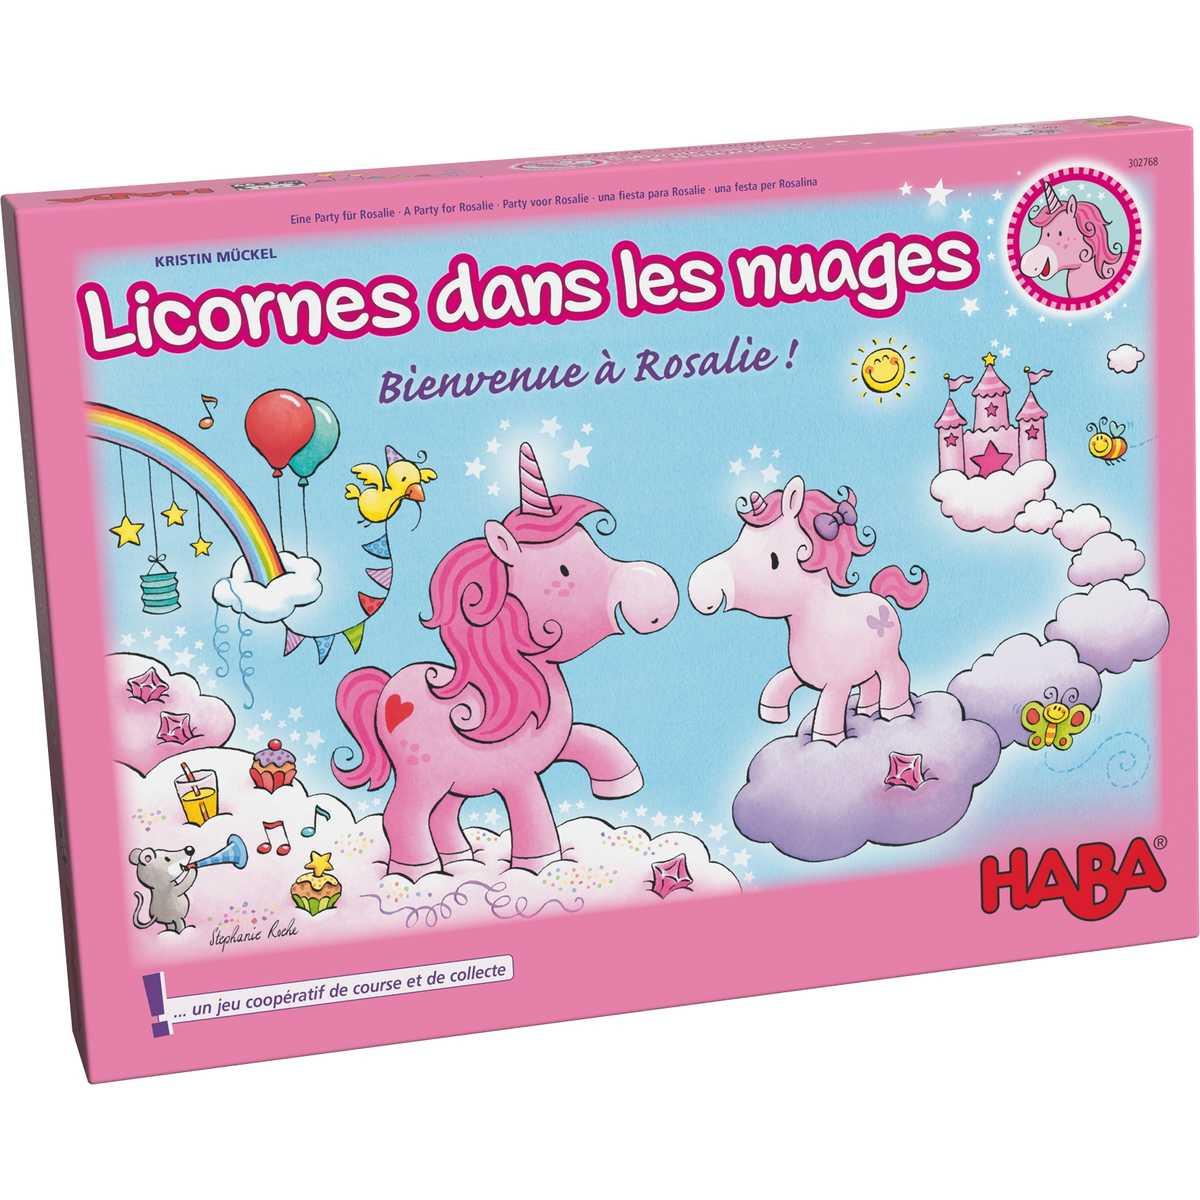 """Résultat de recherche d'images pour """"Licornes Dans Les Nuages – Bienvenue À Rosalie !, 302768, Haba"""""""